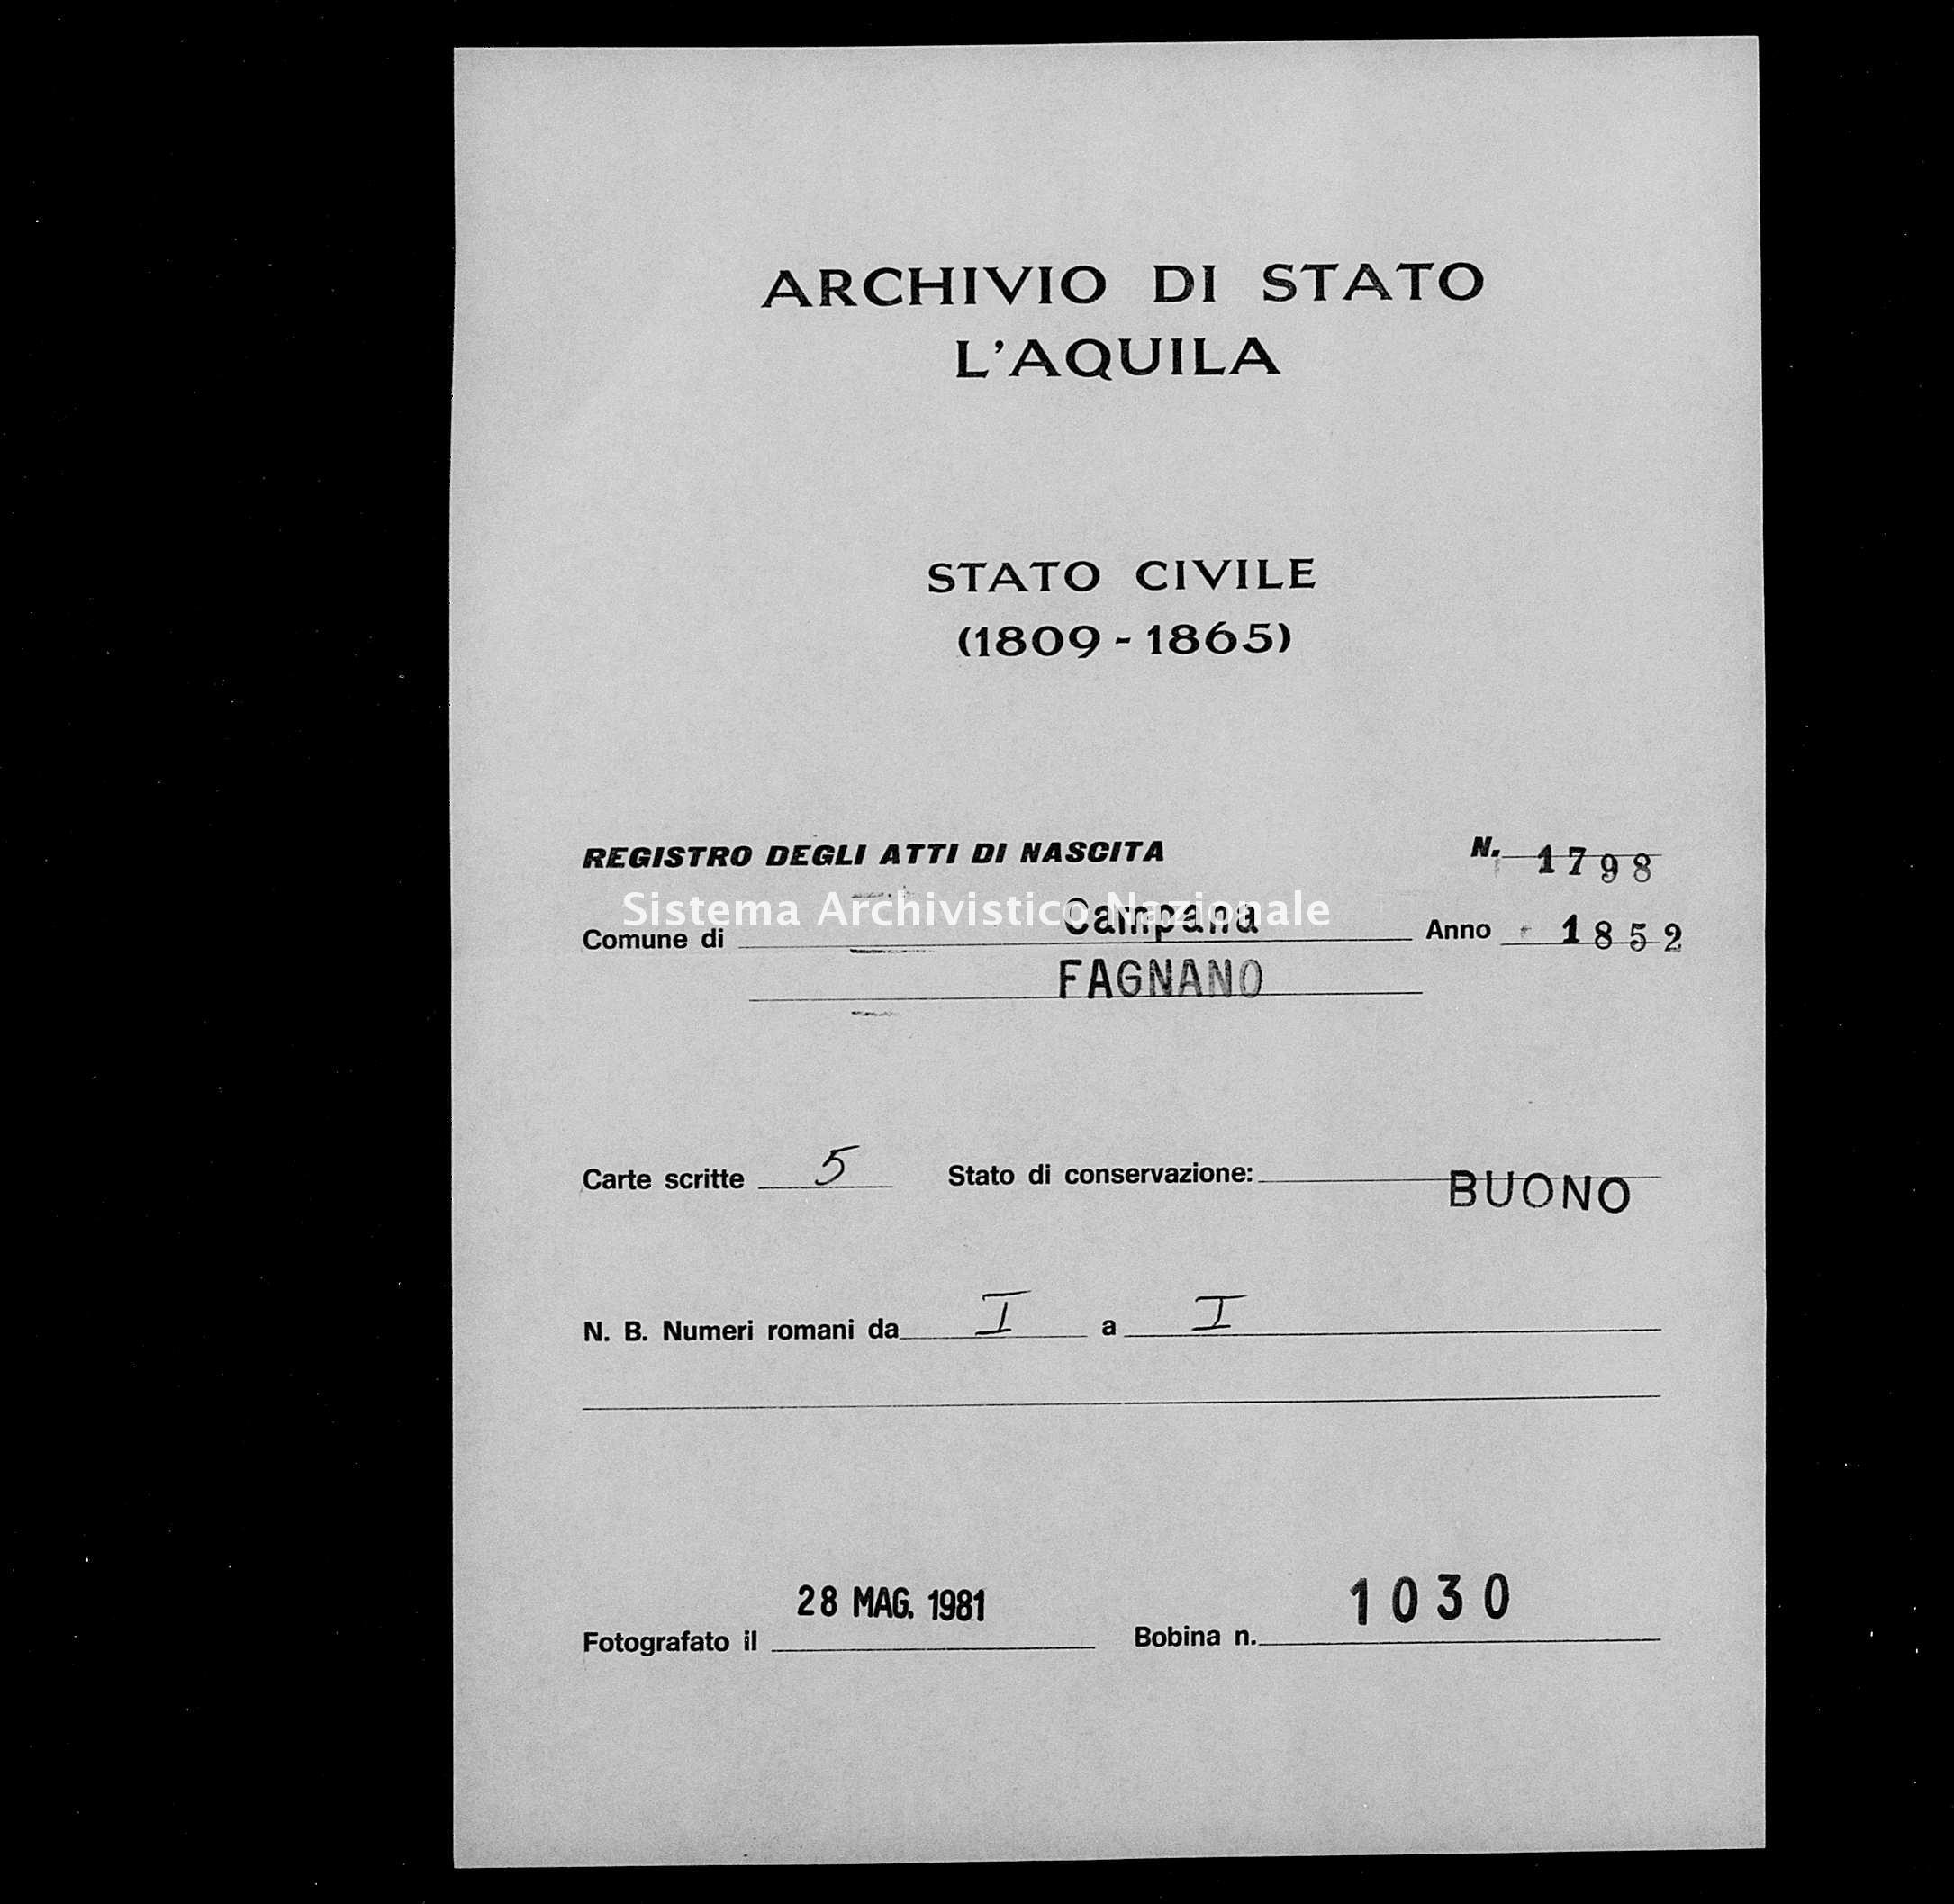 Archivio di stato di L'aquila - Stato civile della restaurazione - Campana - Nati - 1852 - 1798 -